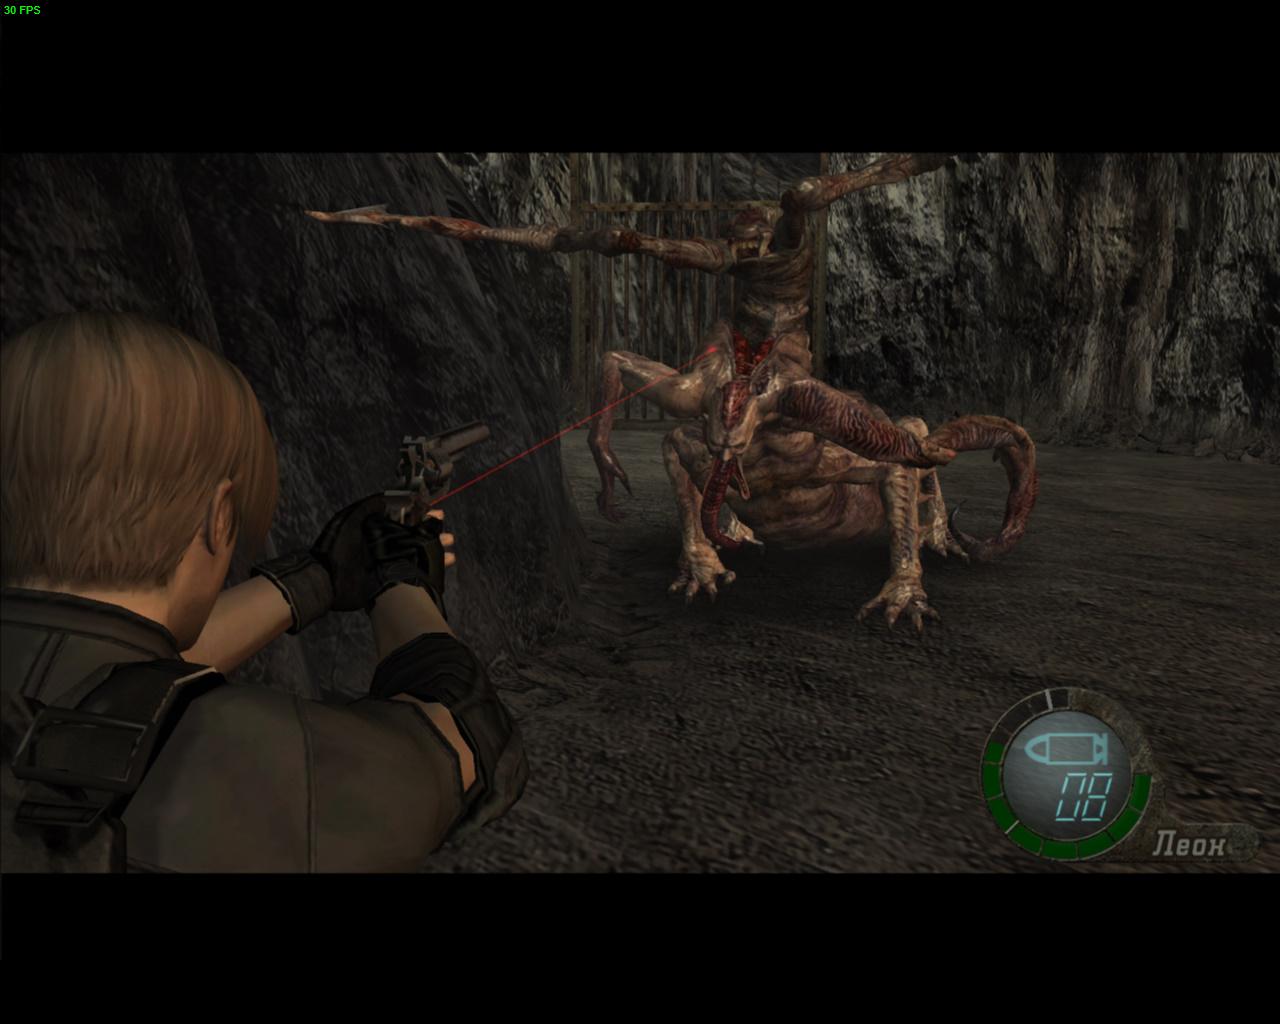 bio4 2016-02-06 02-17-12-549.jpg - Resident Evil 4